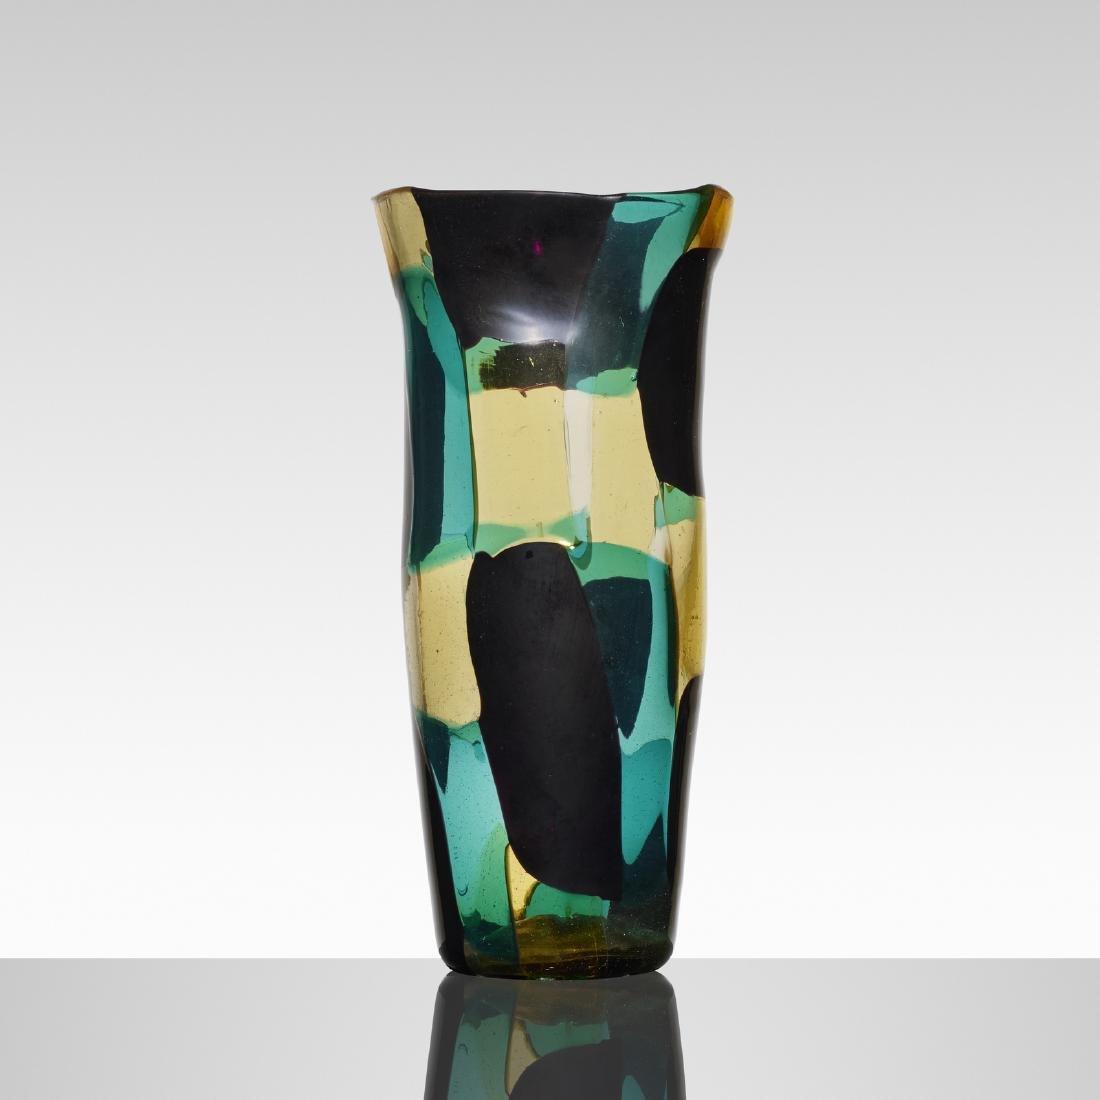 Fulvio Bianconi, Pezzato Americano vase, model 4406 - 2